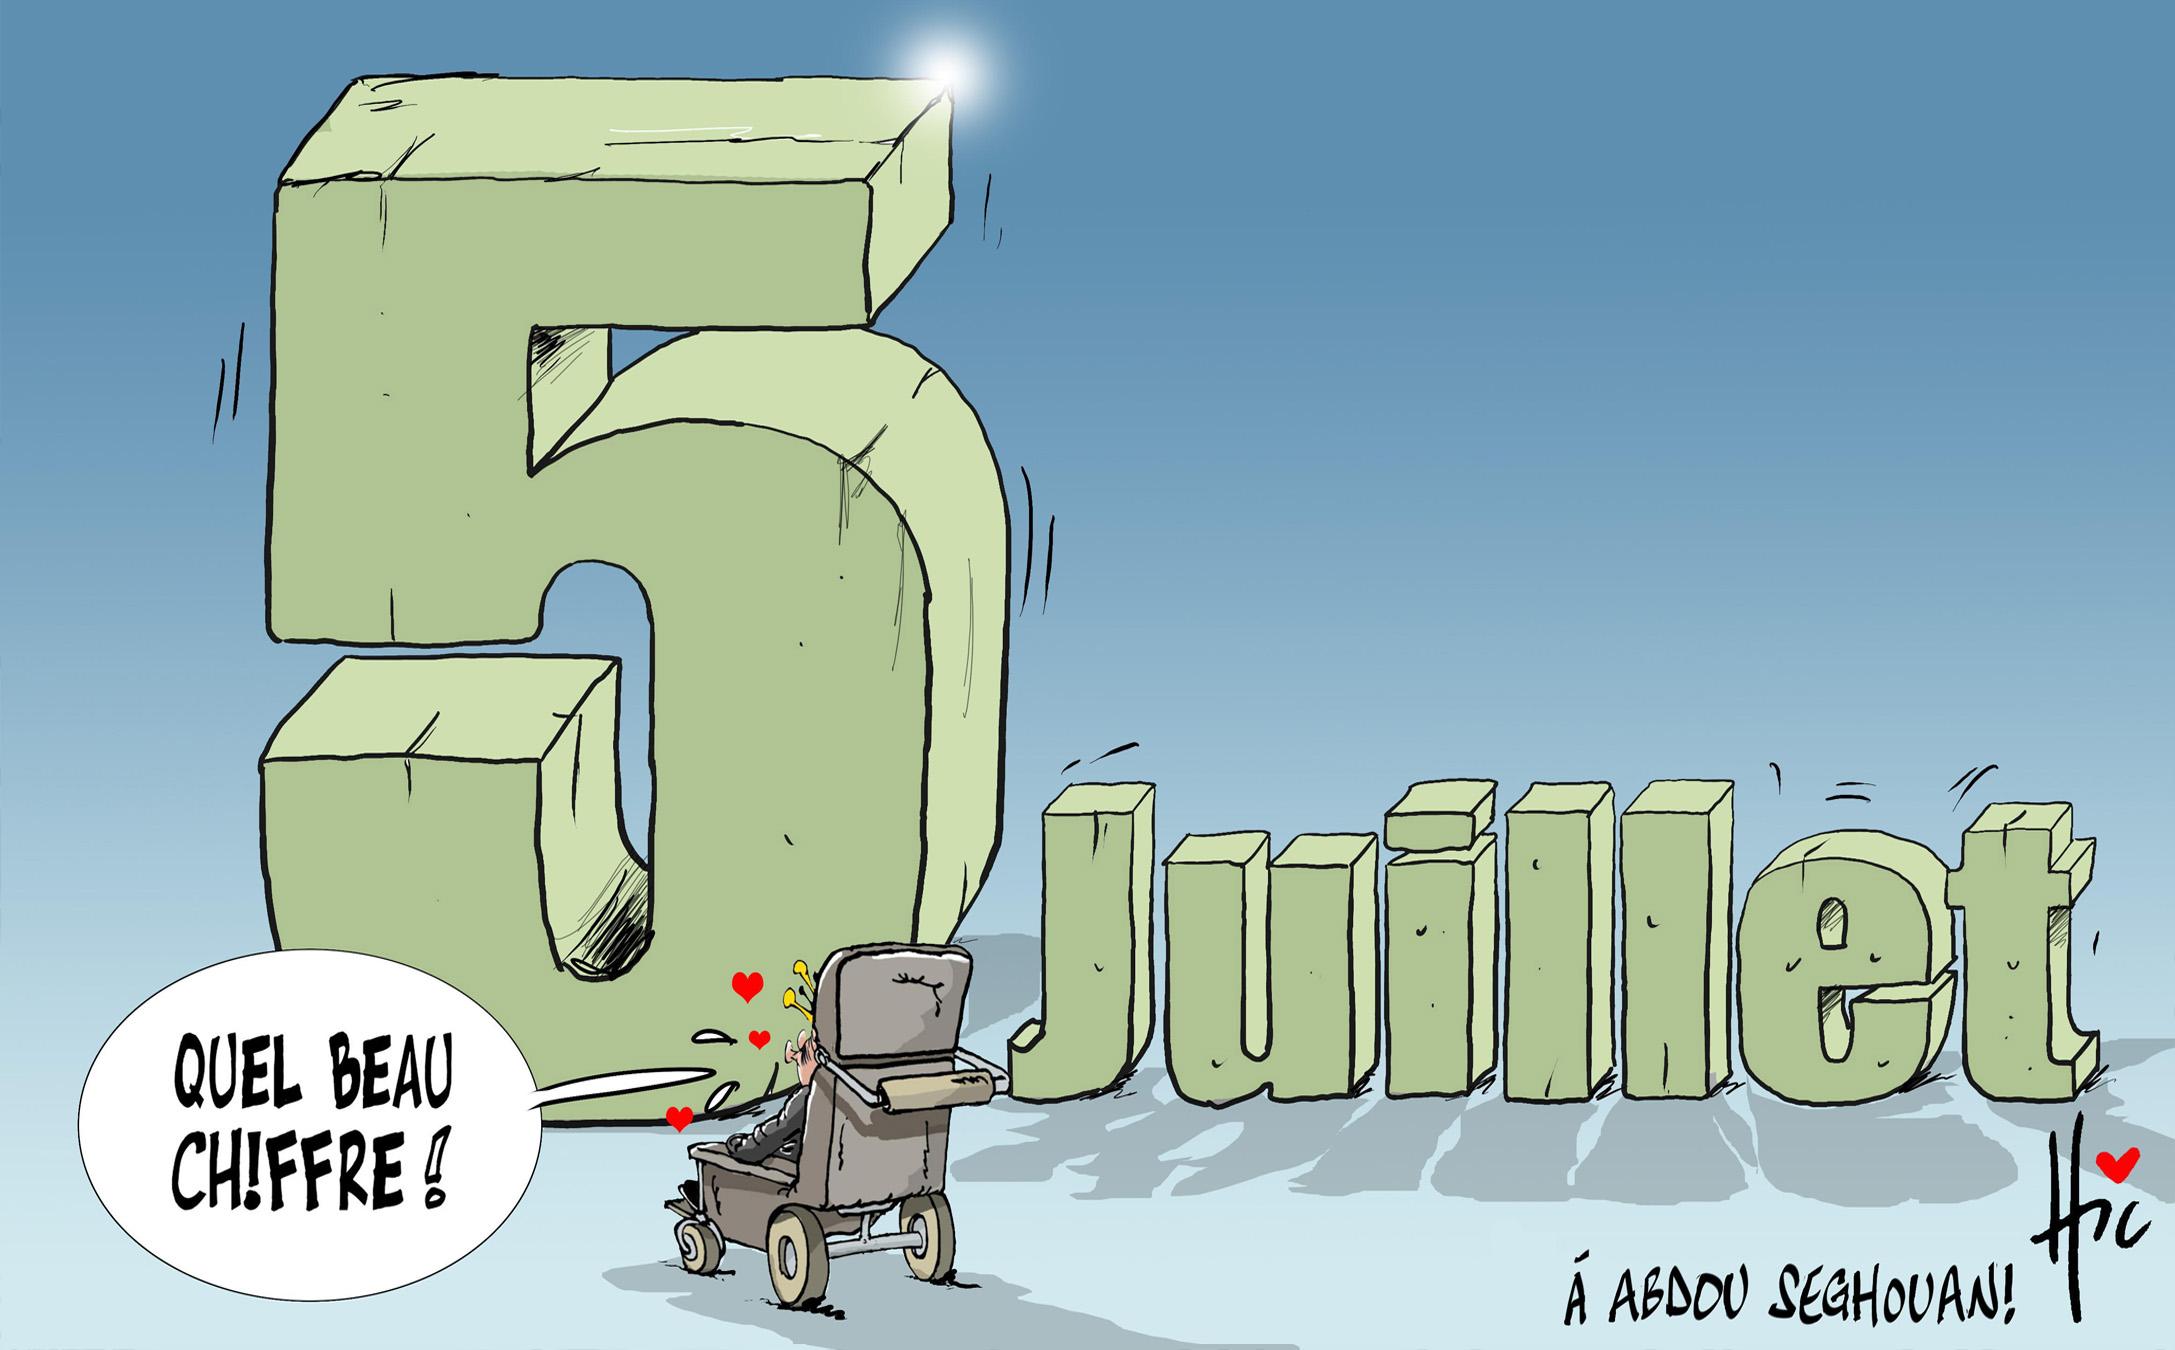 5 juillet, un beau chiffre - Dessins et Caricatures, Le Hic - El Watan - Gagdz.com